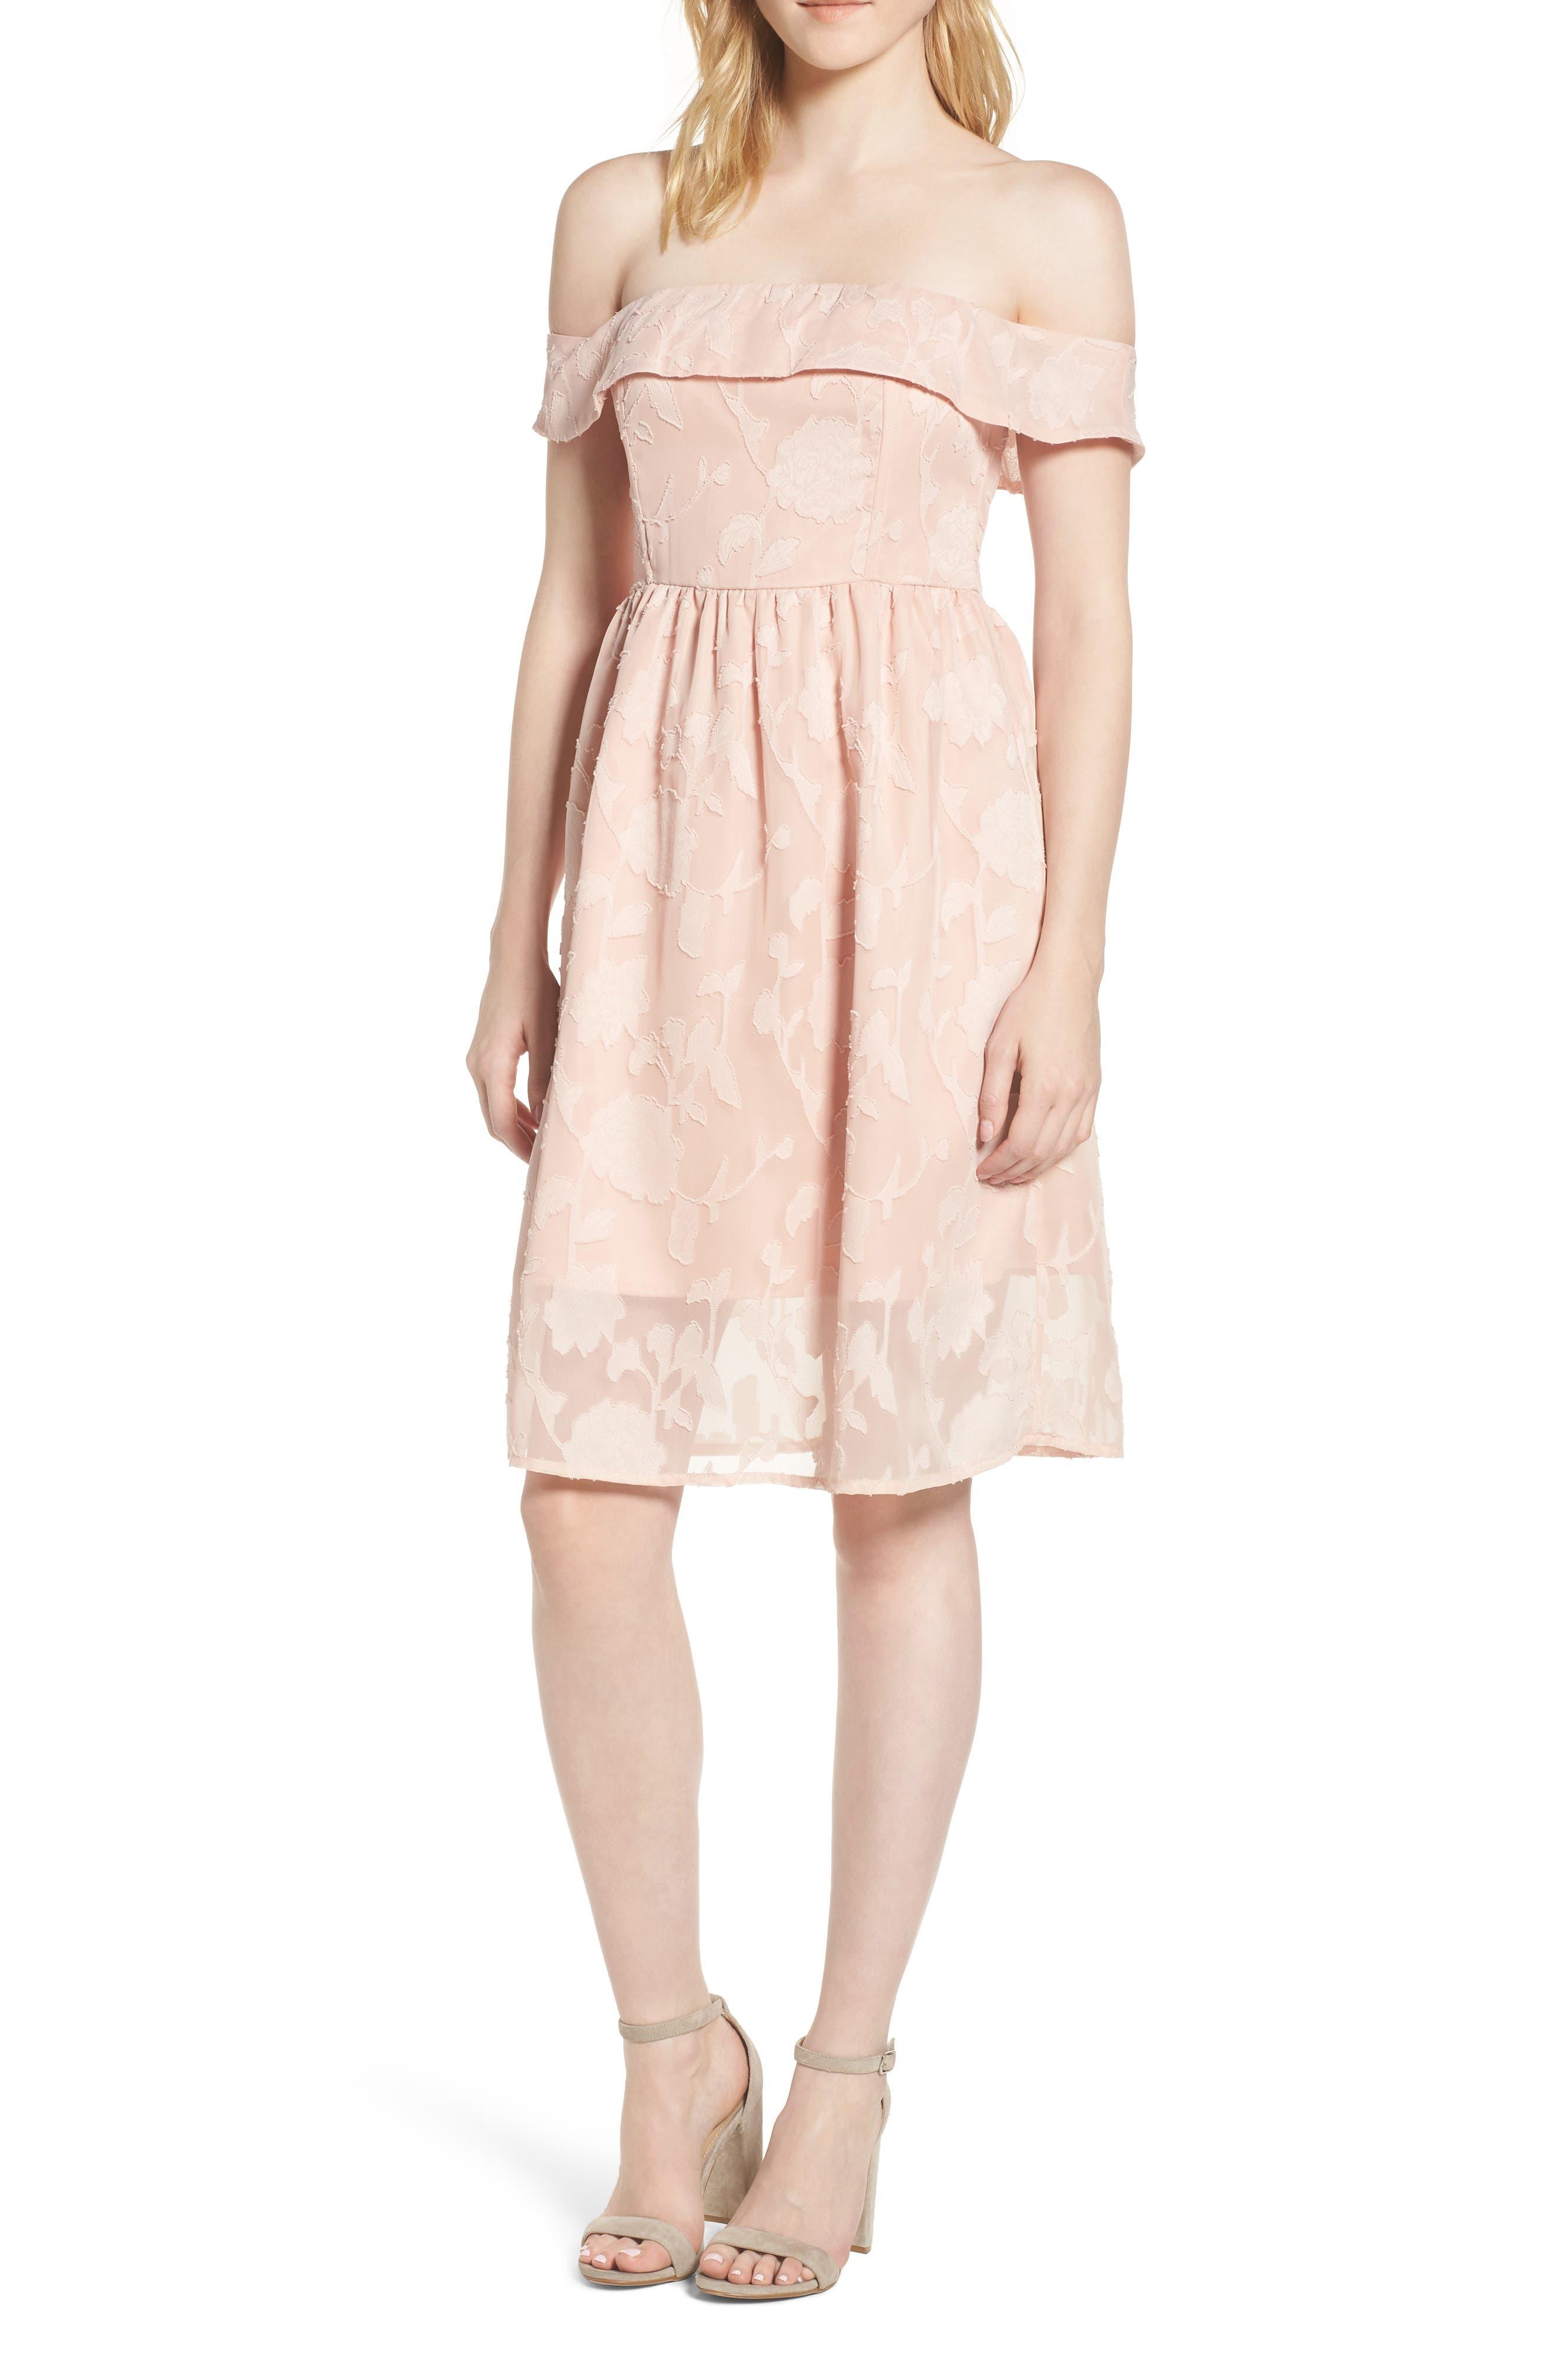 Honey Off the Shoulder Dress,                         Main,                         color, 950